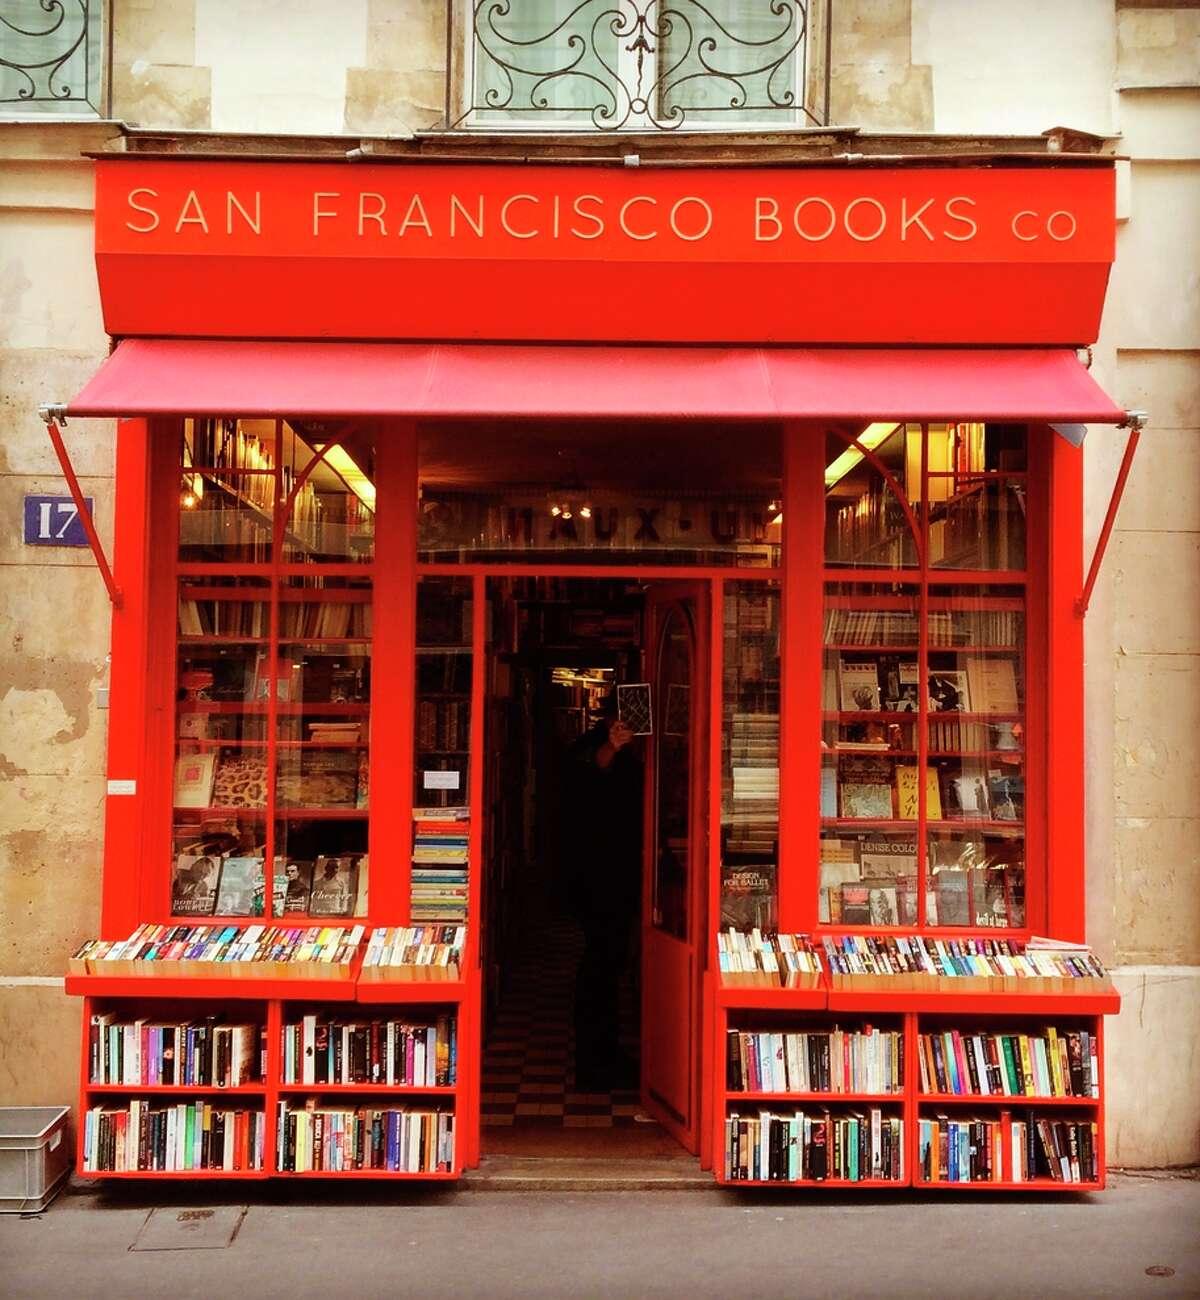 San Francisco Book Co., 17 rue Monsieur le Prince, Paris.